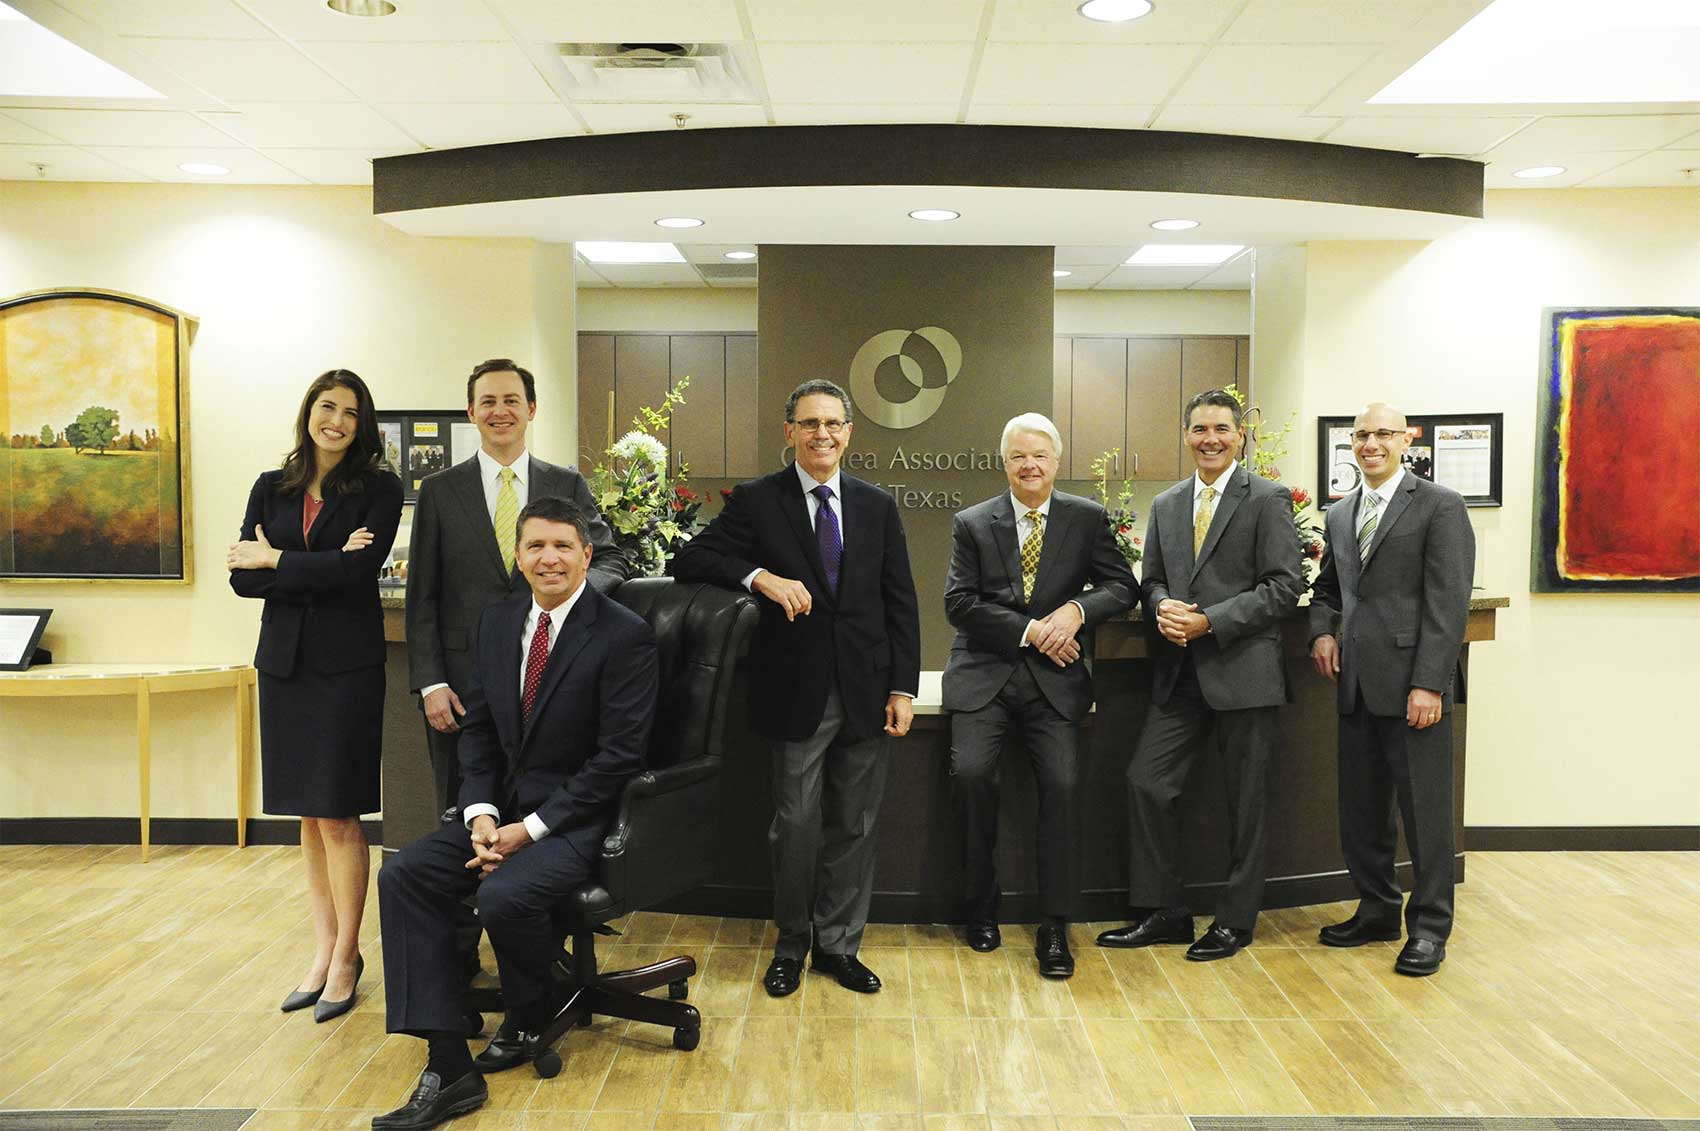 Cornea Associates of Texas of Texas